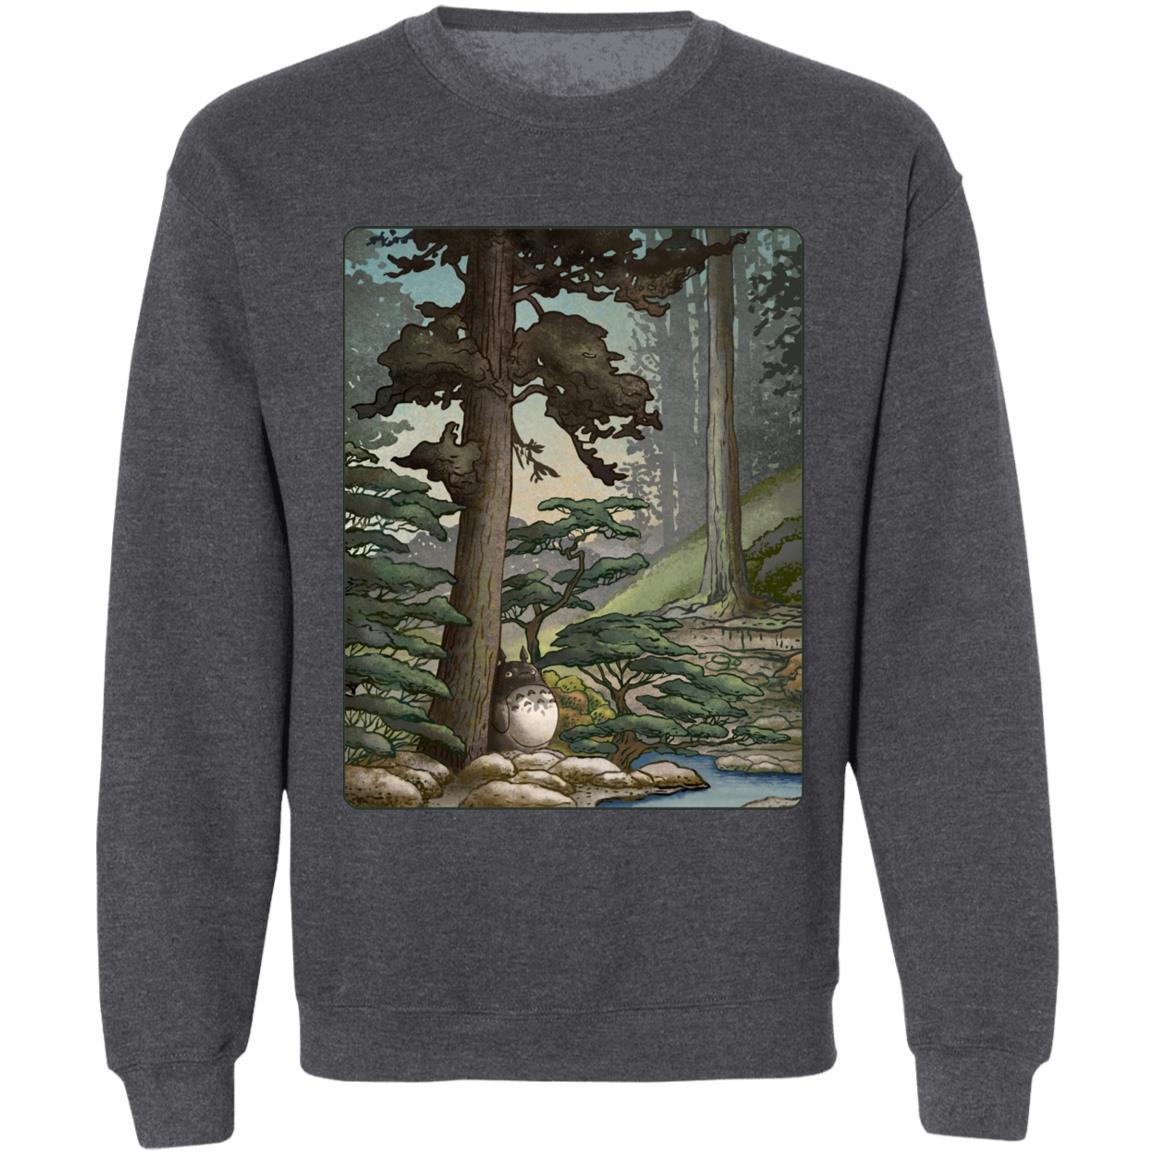 Totoro in the Landscape Sweatshirt